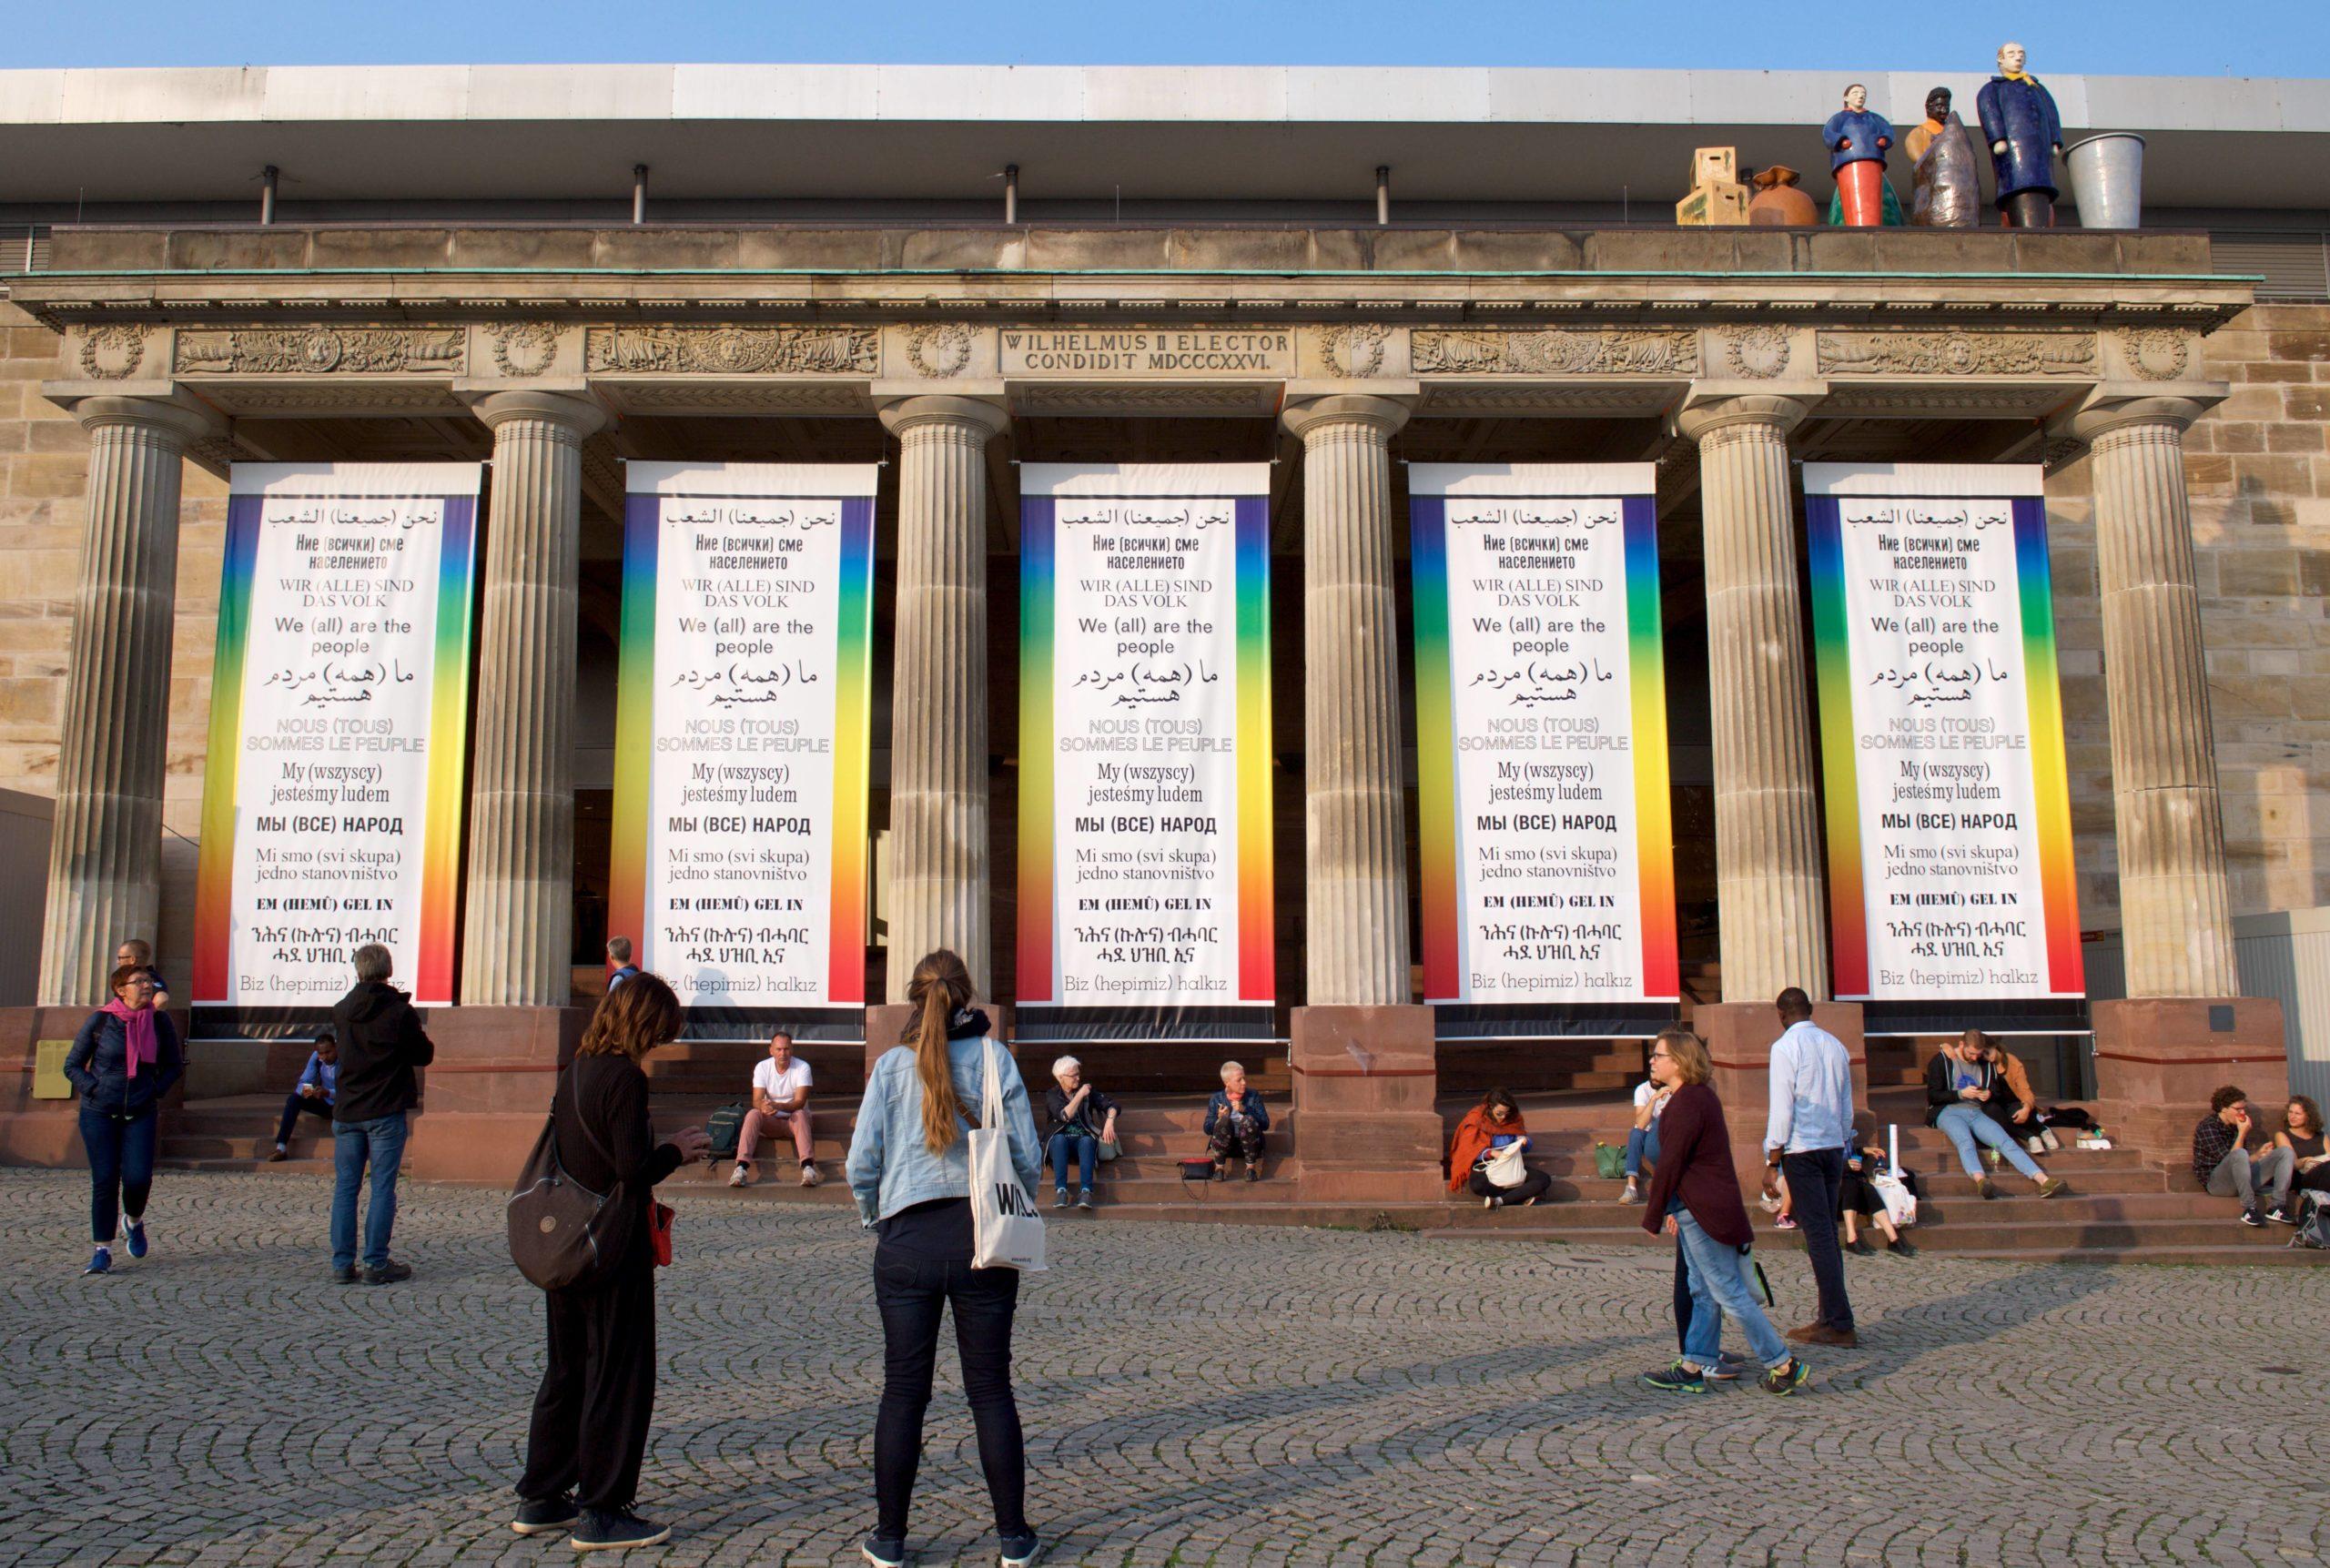 """Hans Haackes Arbeit """"wir (alle) sind das Volk"""" auf der Documenta 14 in Kassel. Derzeit hängen die Plakate in Berlin. Foto: Imago/Camera4"""